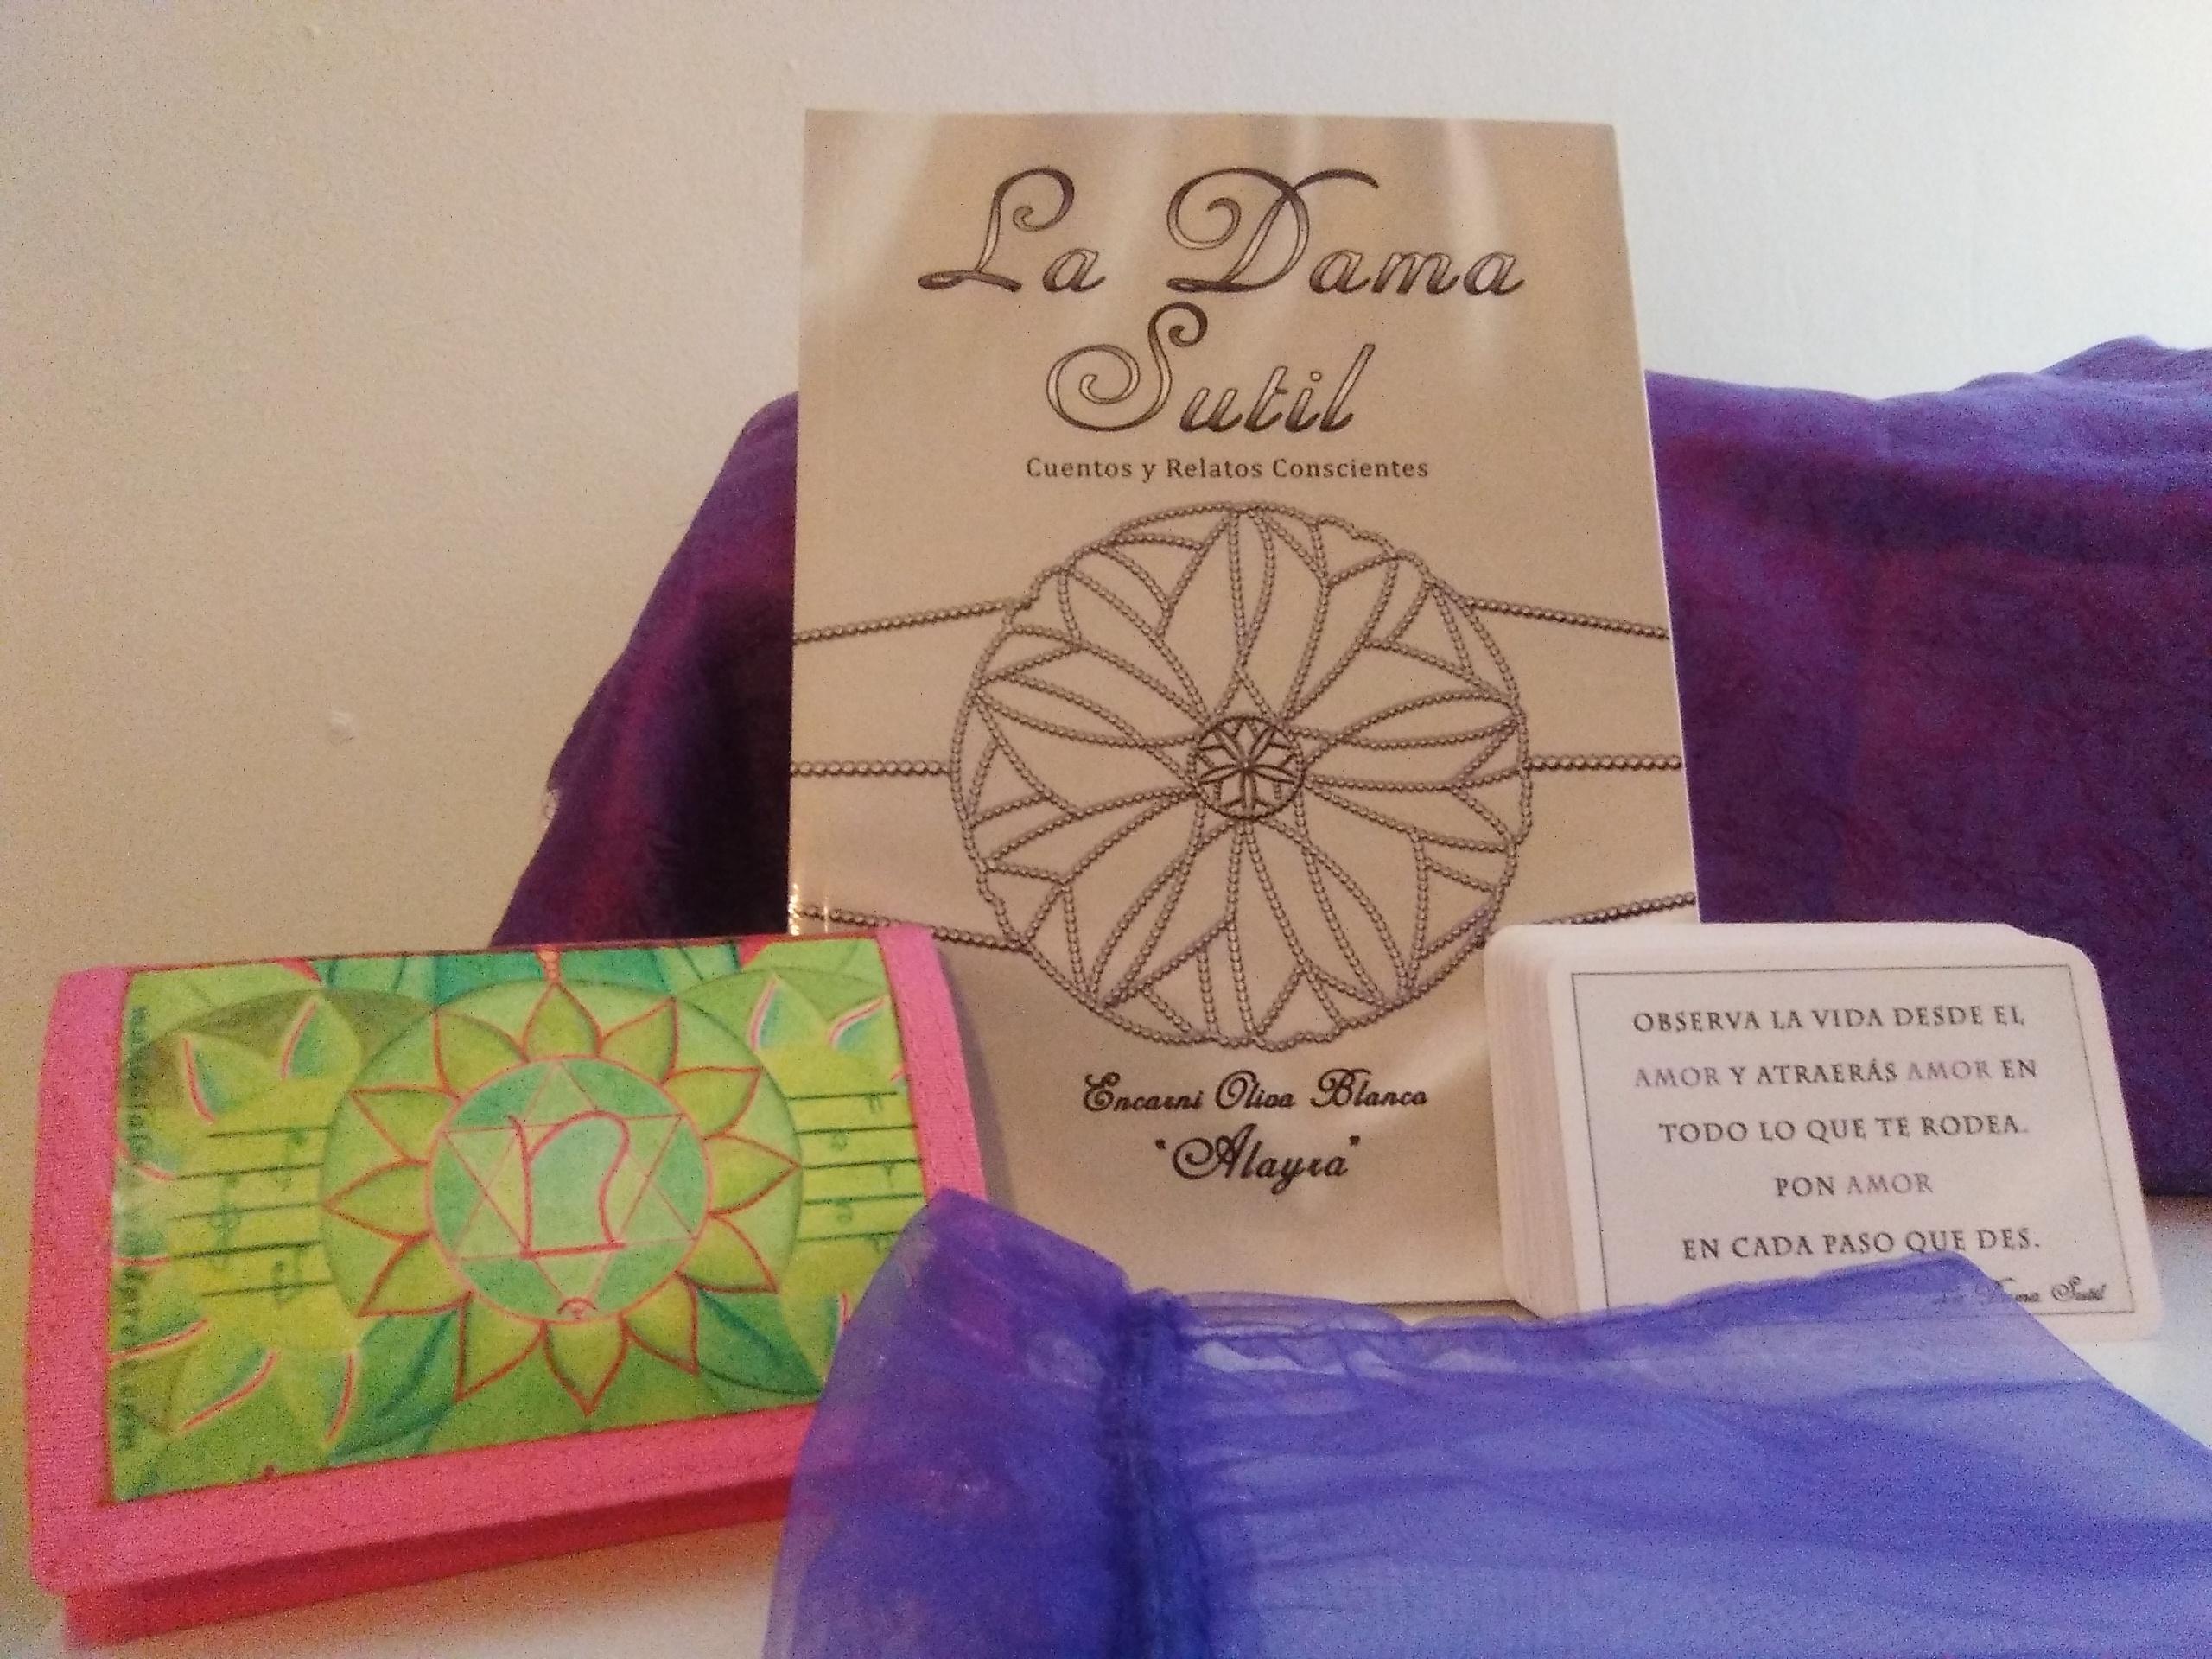 """Gracias a nuestra alumna Encarni Oliva """"Alayra"""" por su maravilloso trabajo"""